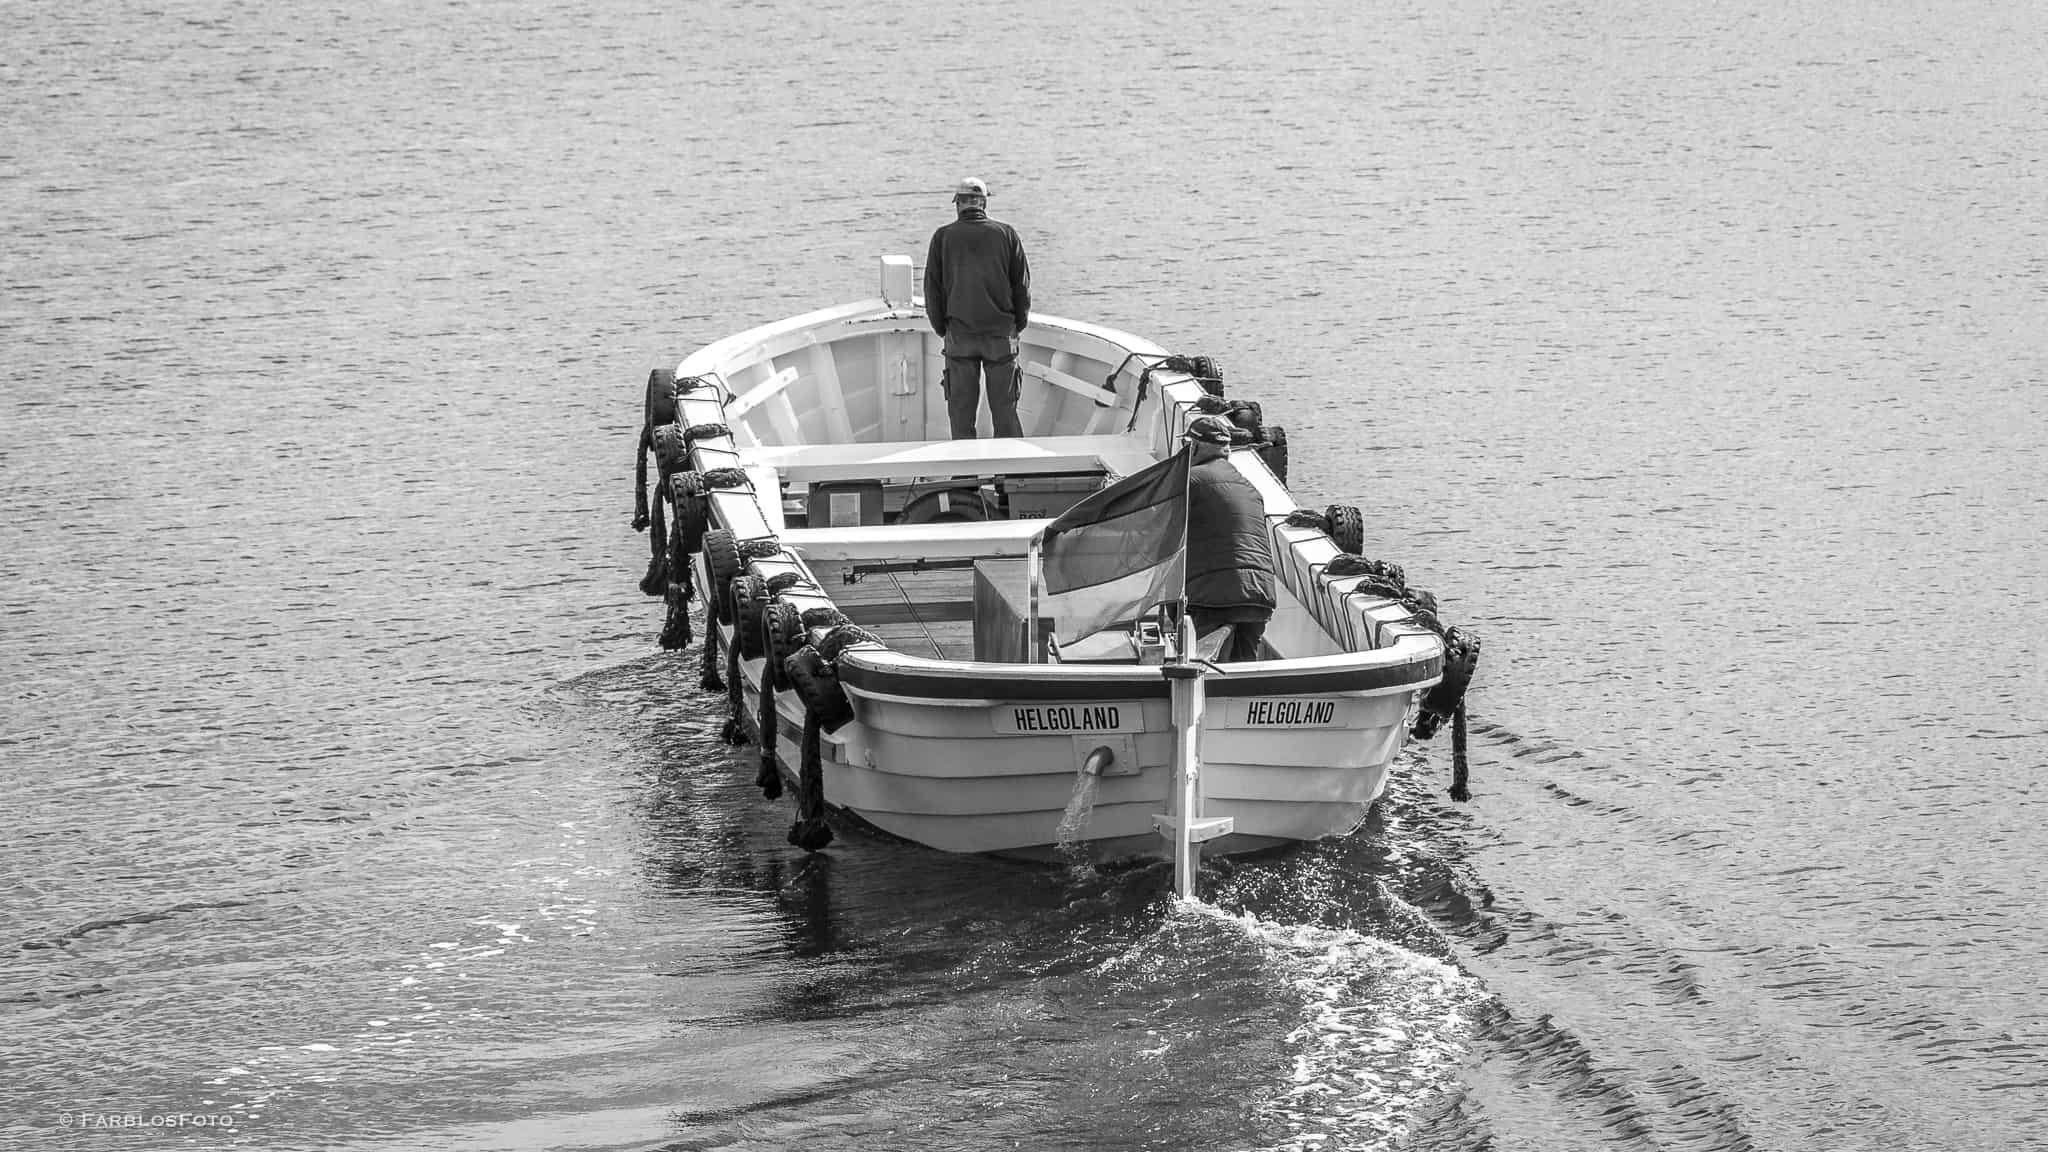 Börteboote ein Tradition